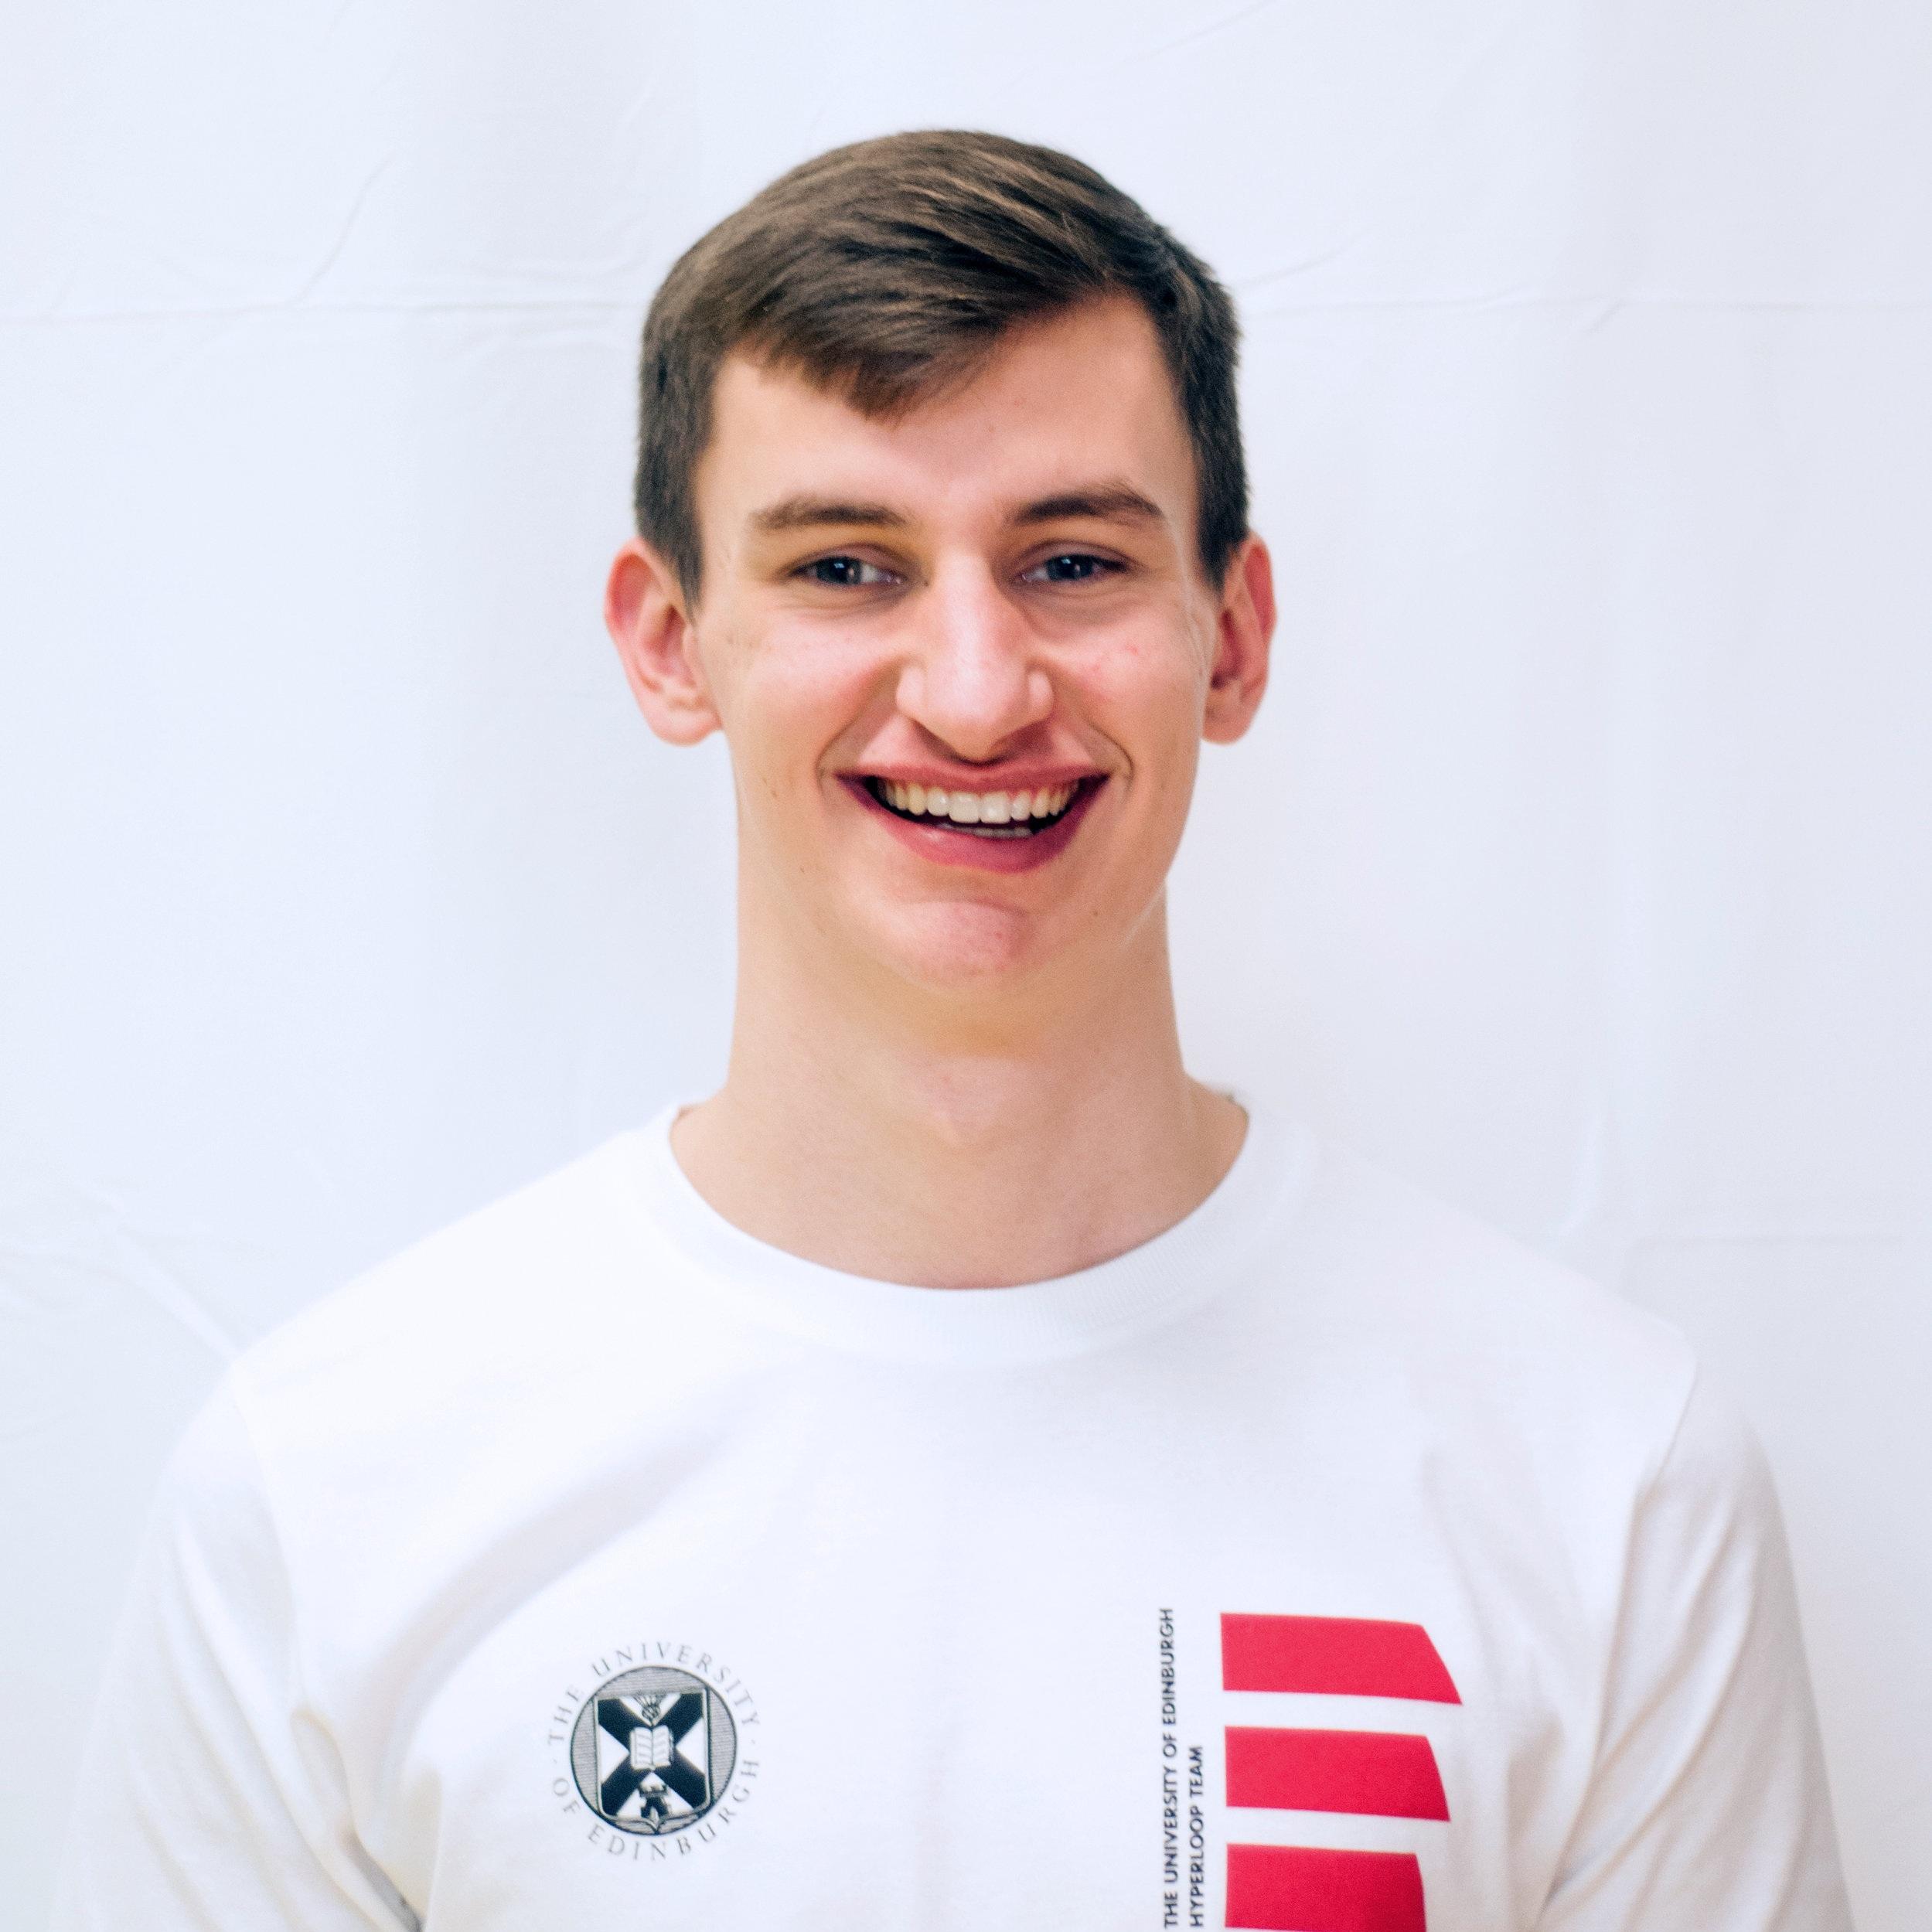 Oliver Clark - Sponsorship Team Member